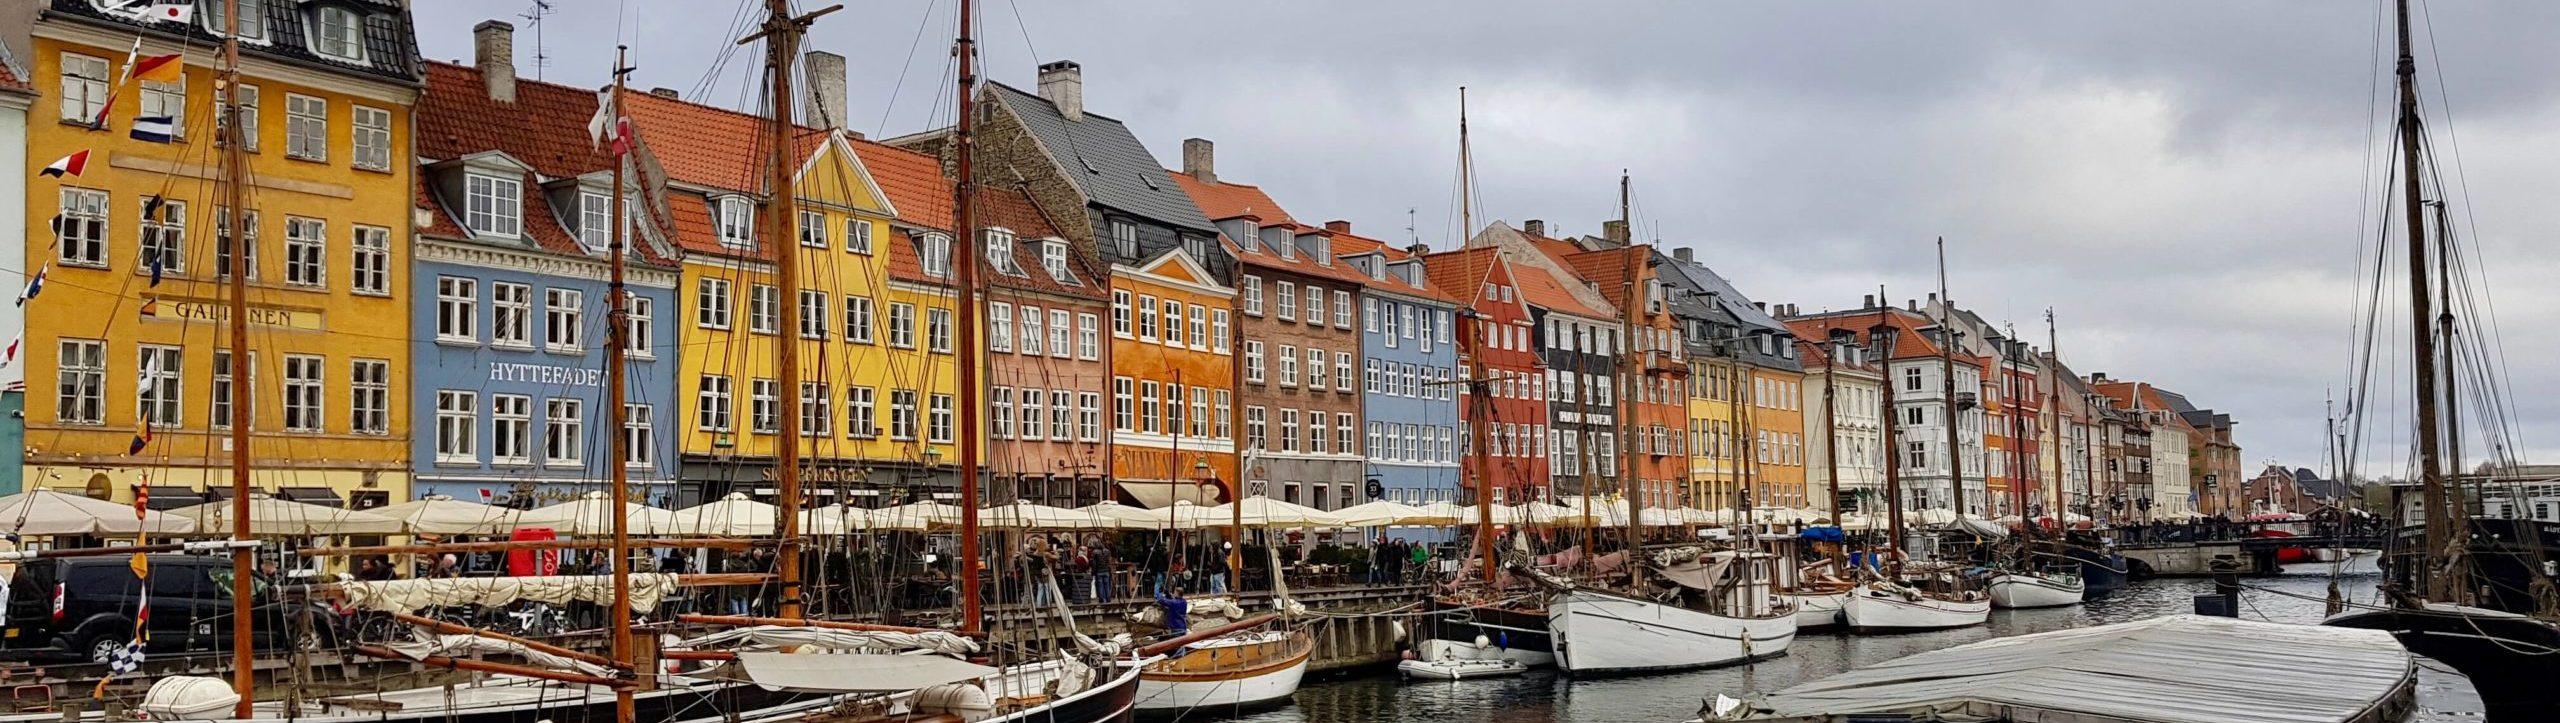 Нюхавн Копенгаген